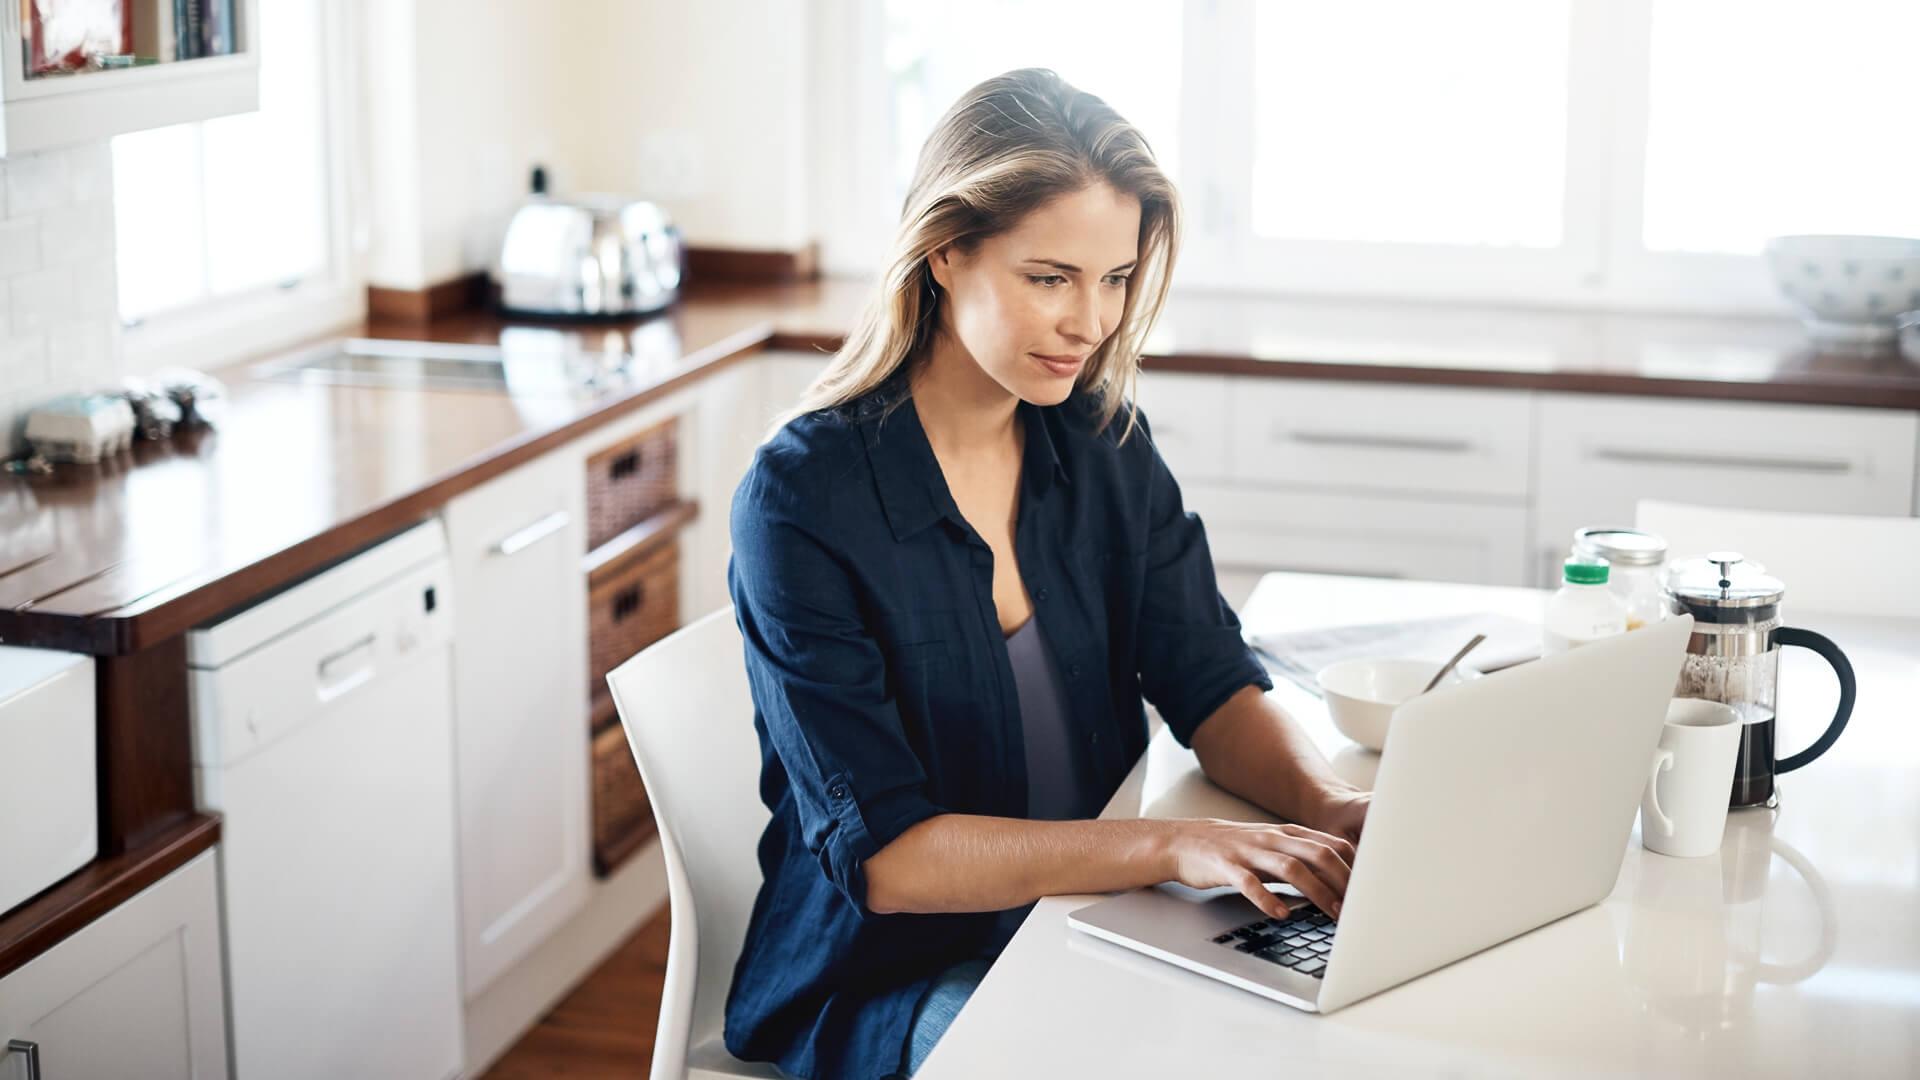 البحث عن معلوماتٍ حول الشركة والوظيفة